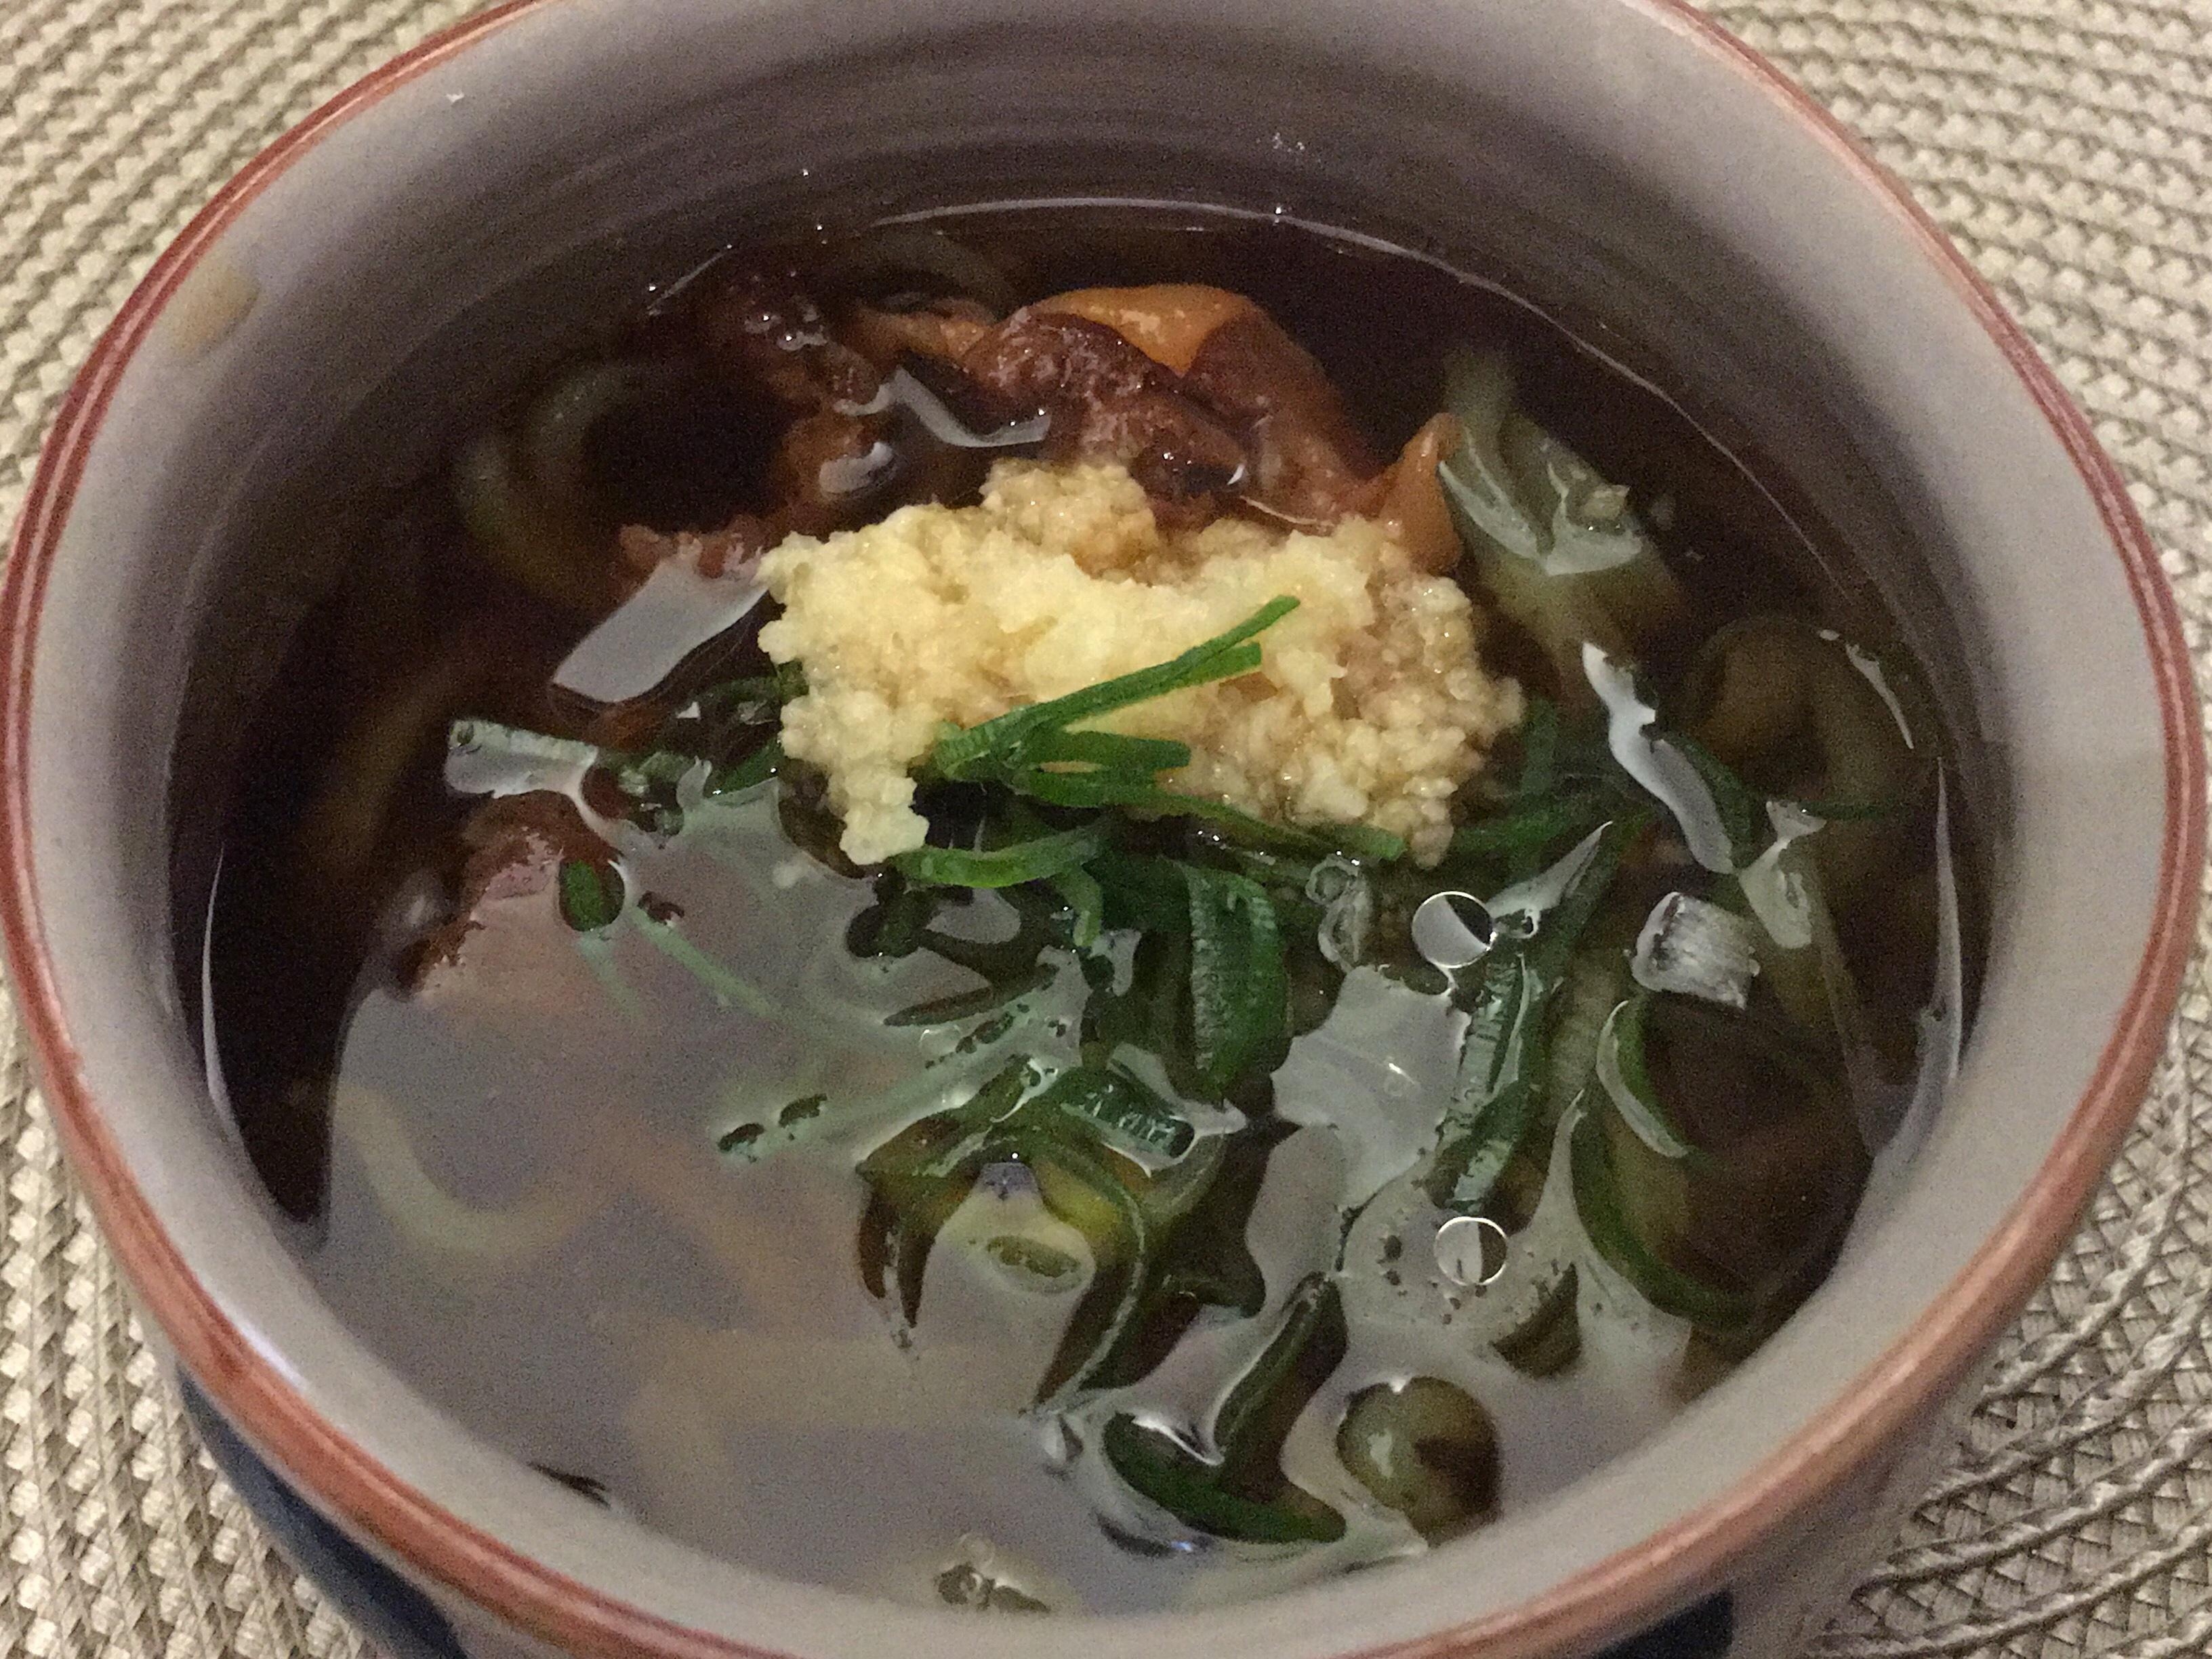 【てんき】大津・熊本の新ご当地グルメ「よも麺」とは?